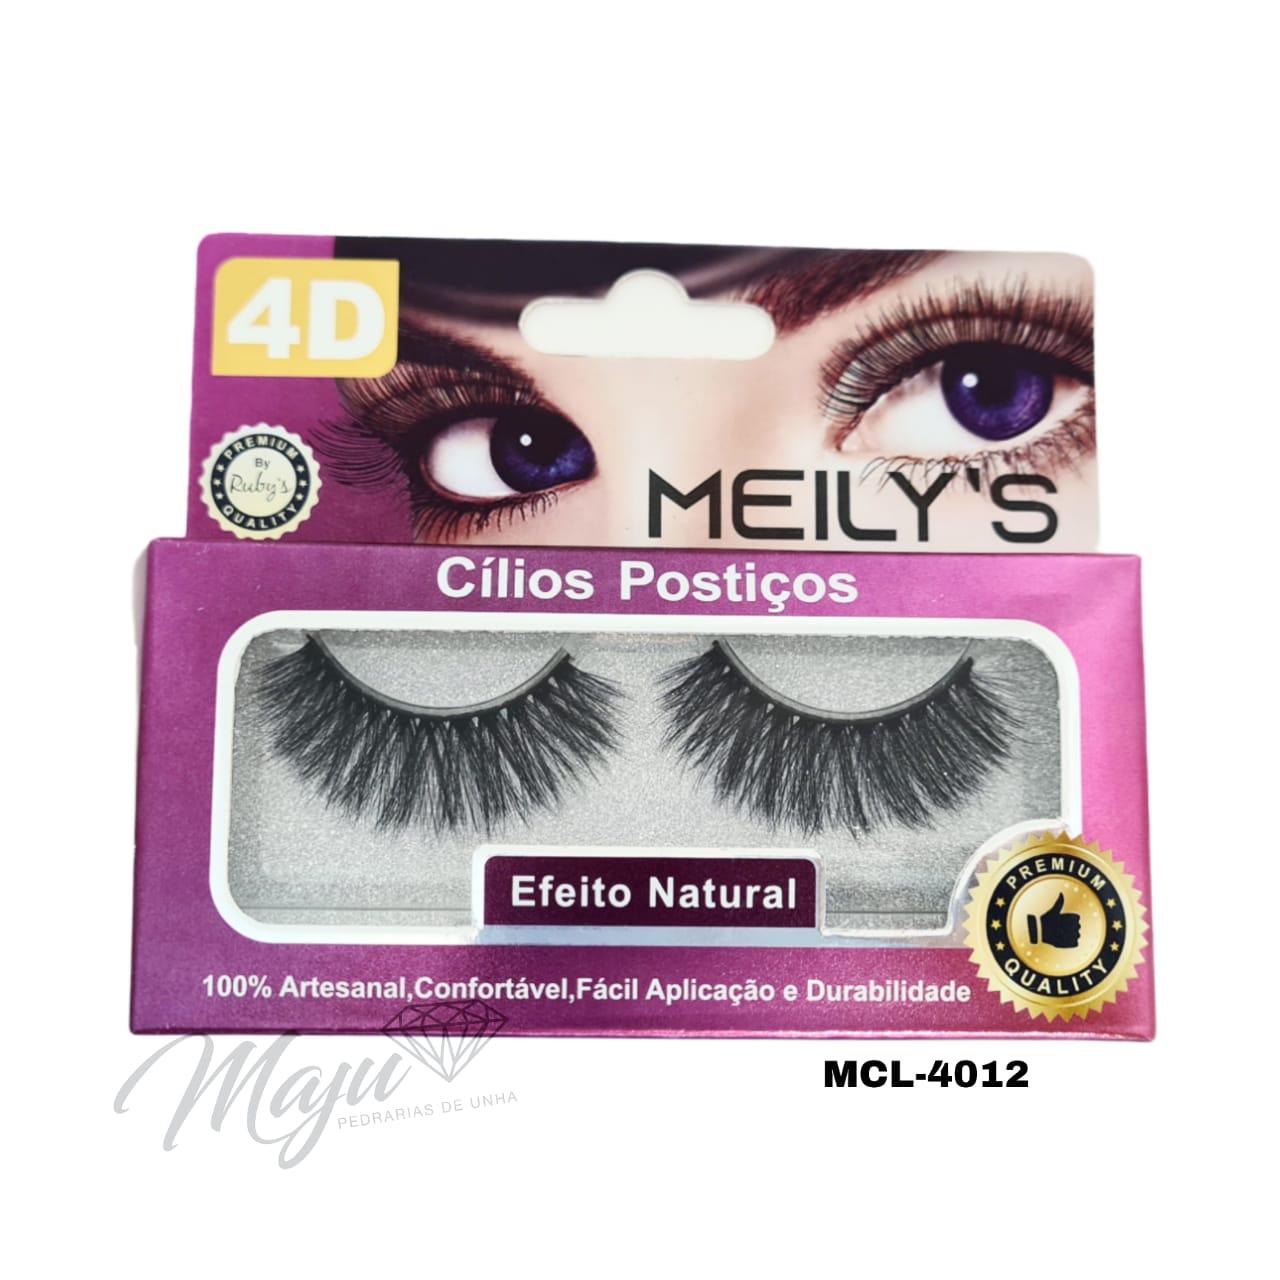 CILIO POSTIÇO PAR MEILYS MCL-4012